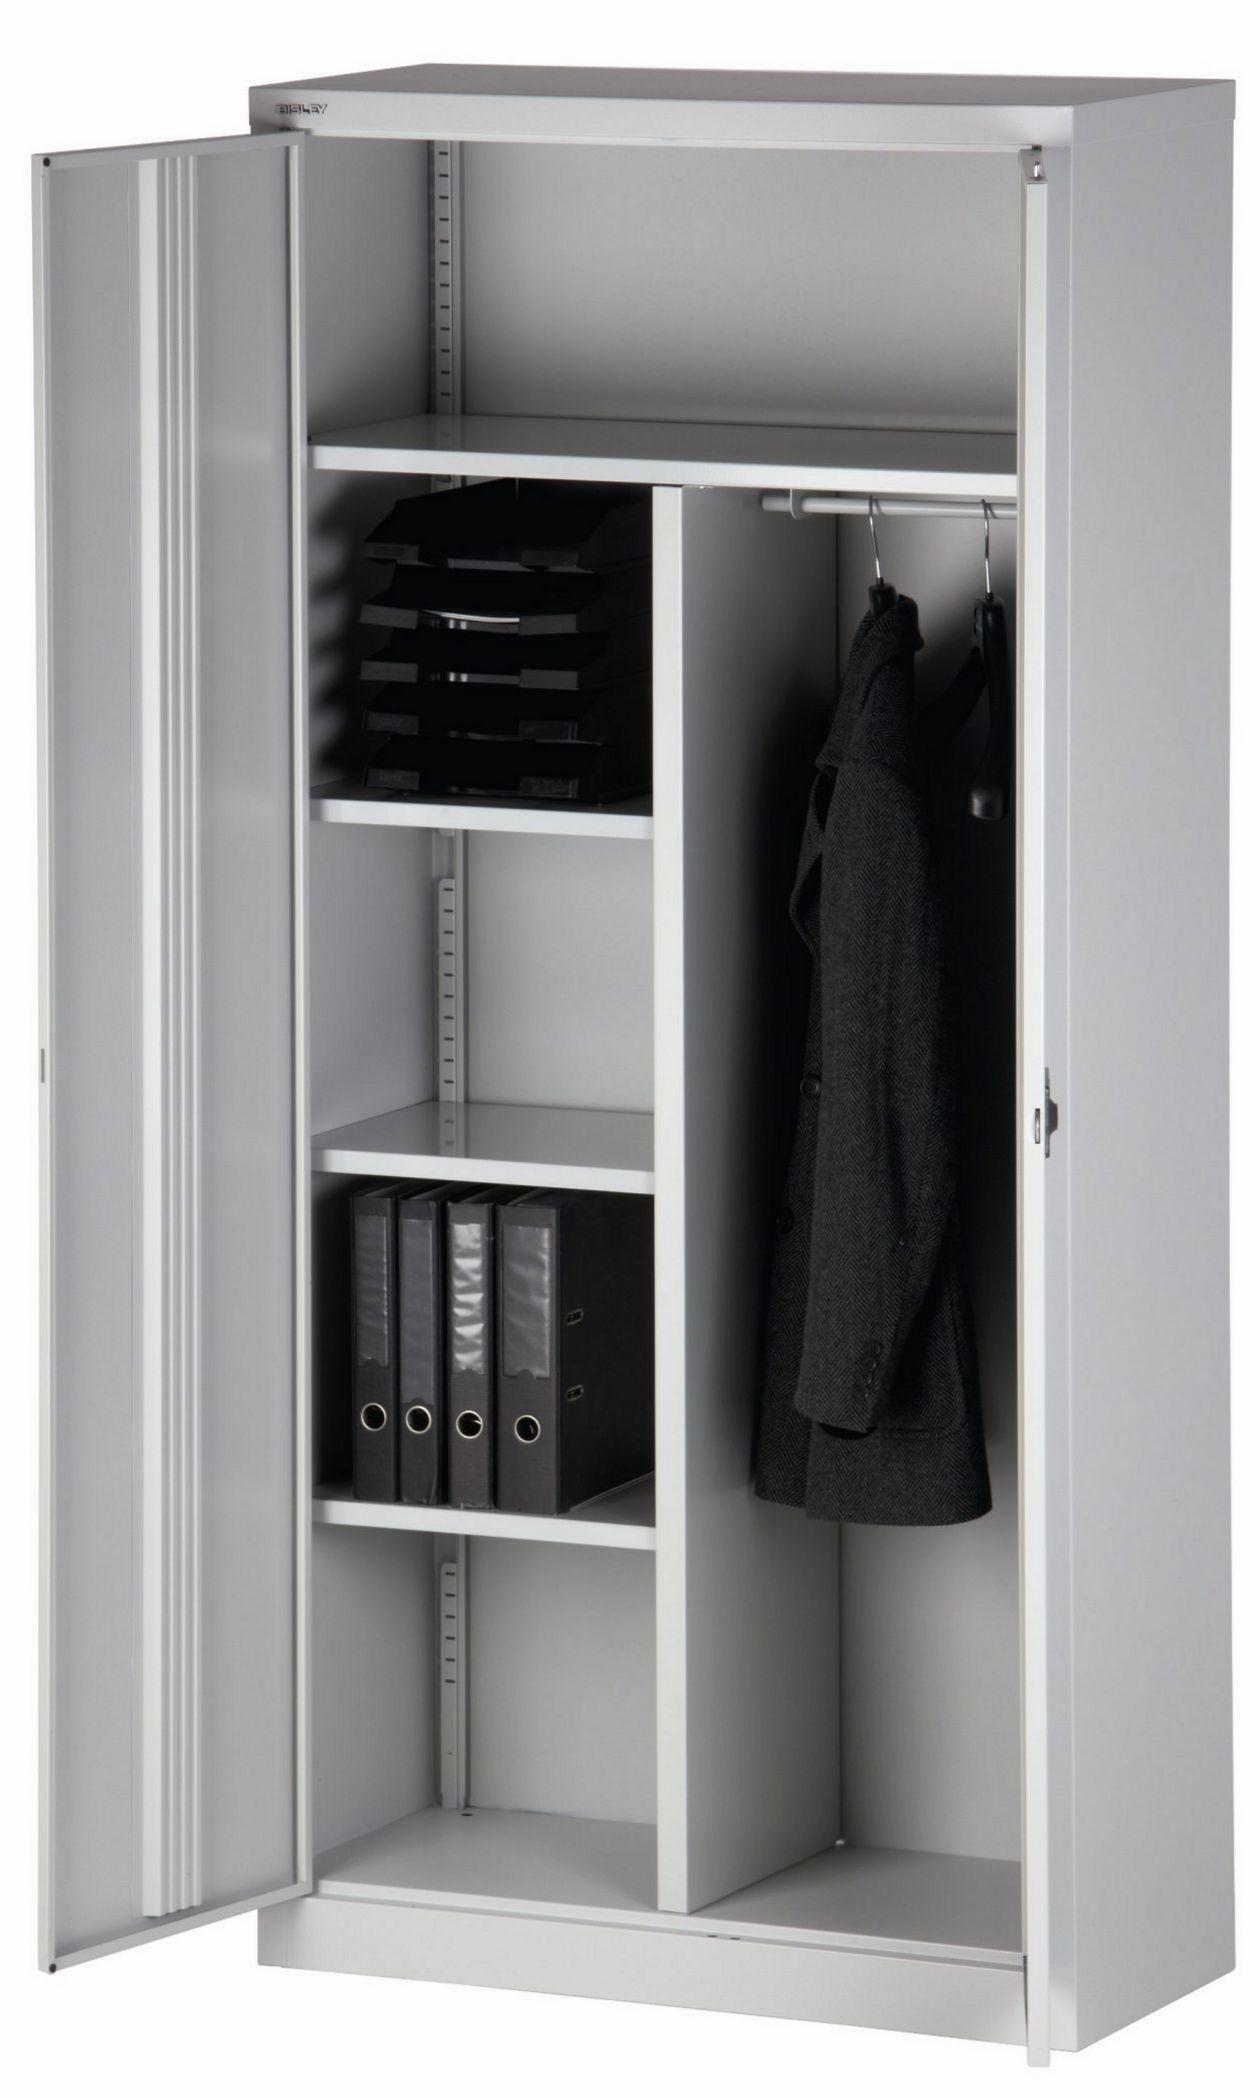 abschließbarer Büro-Garderobenschrank aus Stahl